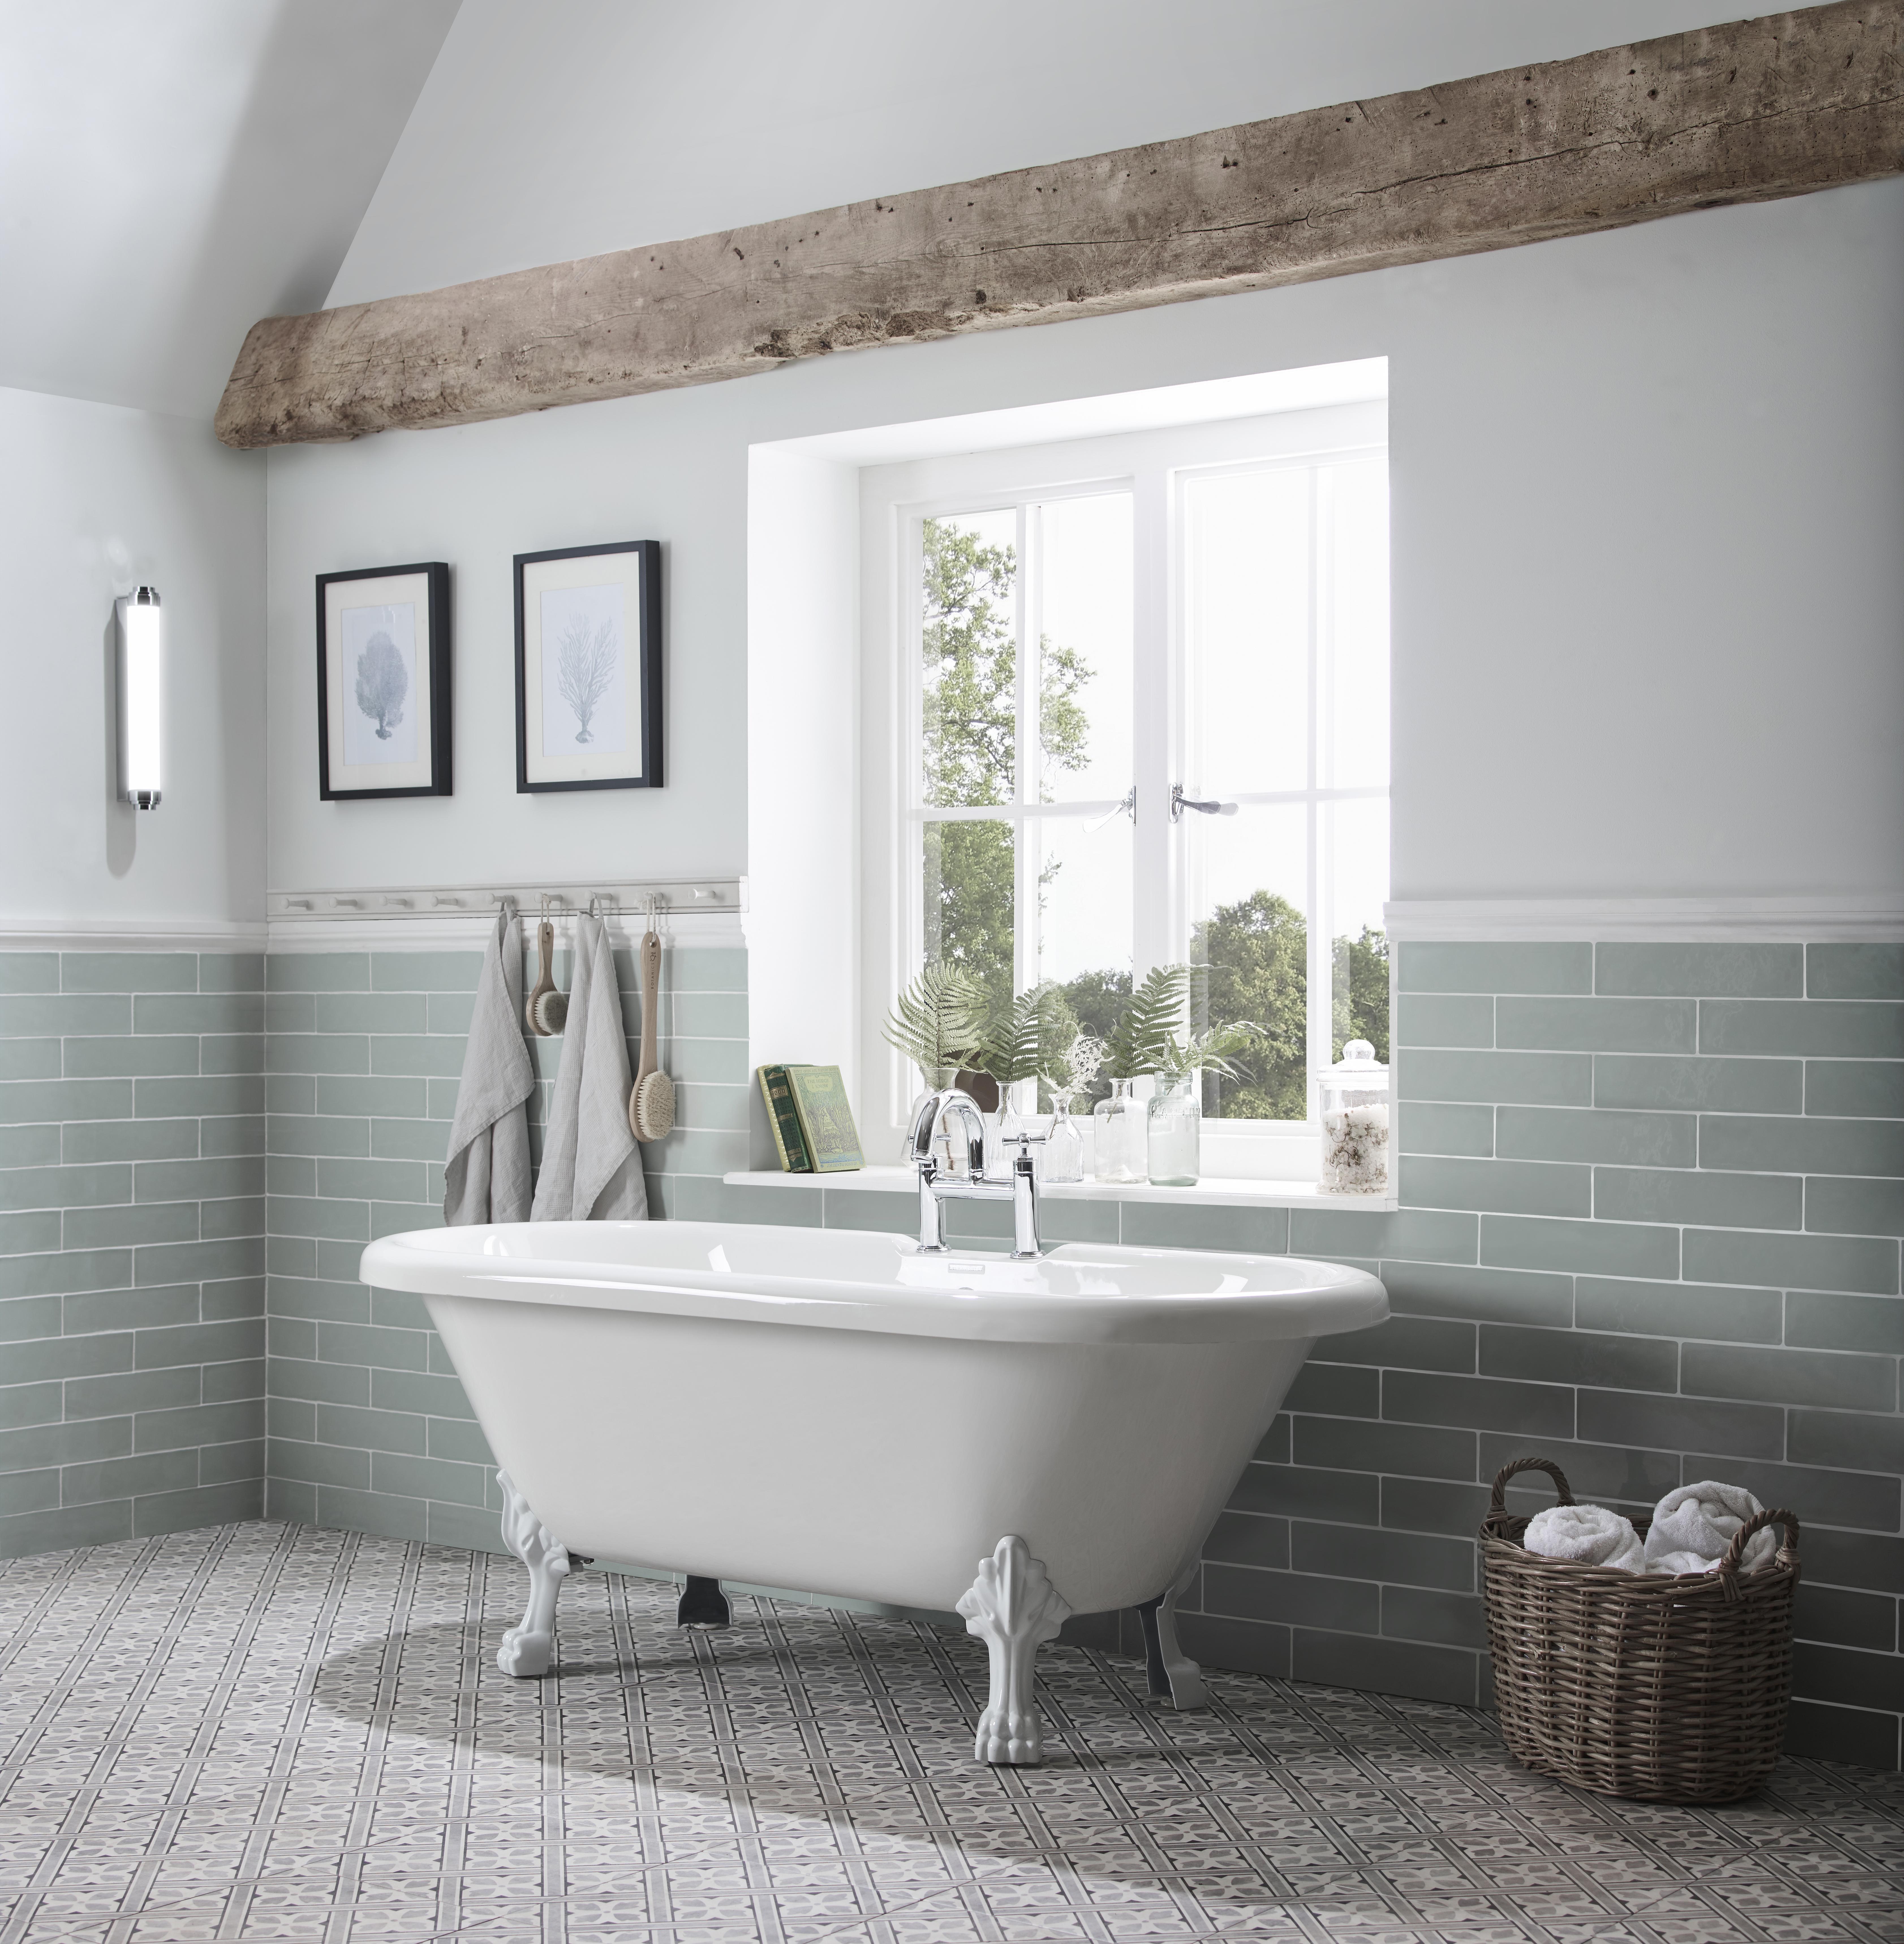 Fairfield bath tub lifestyle